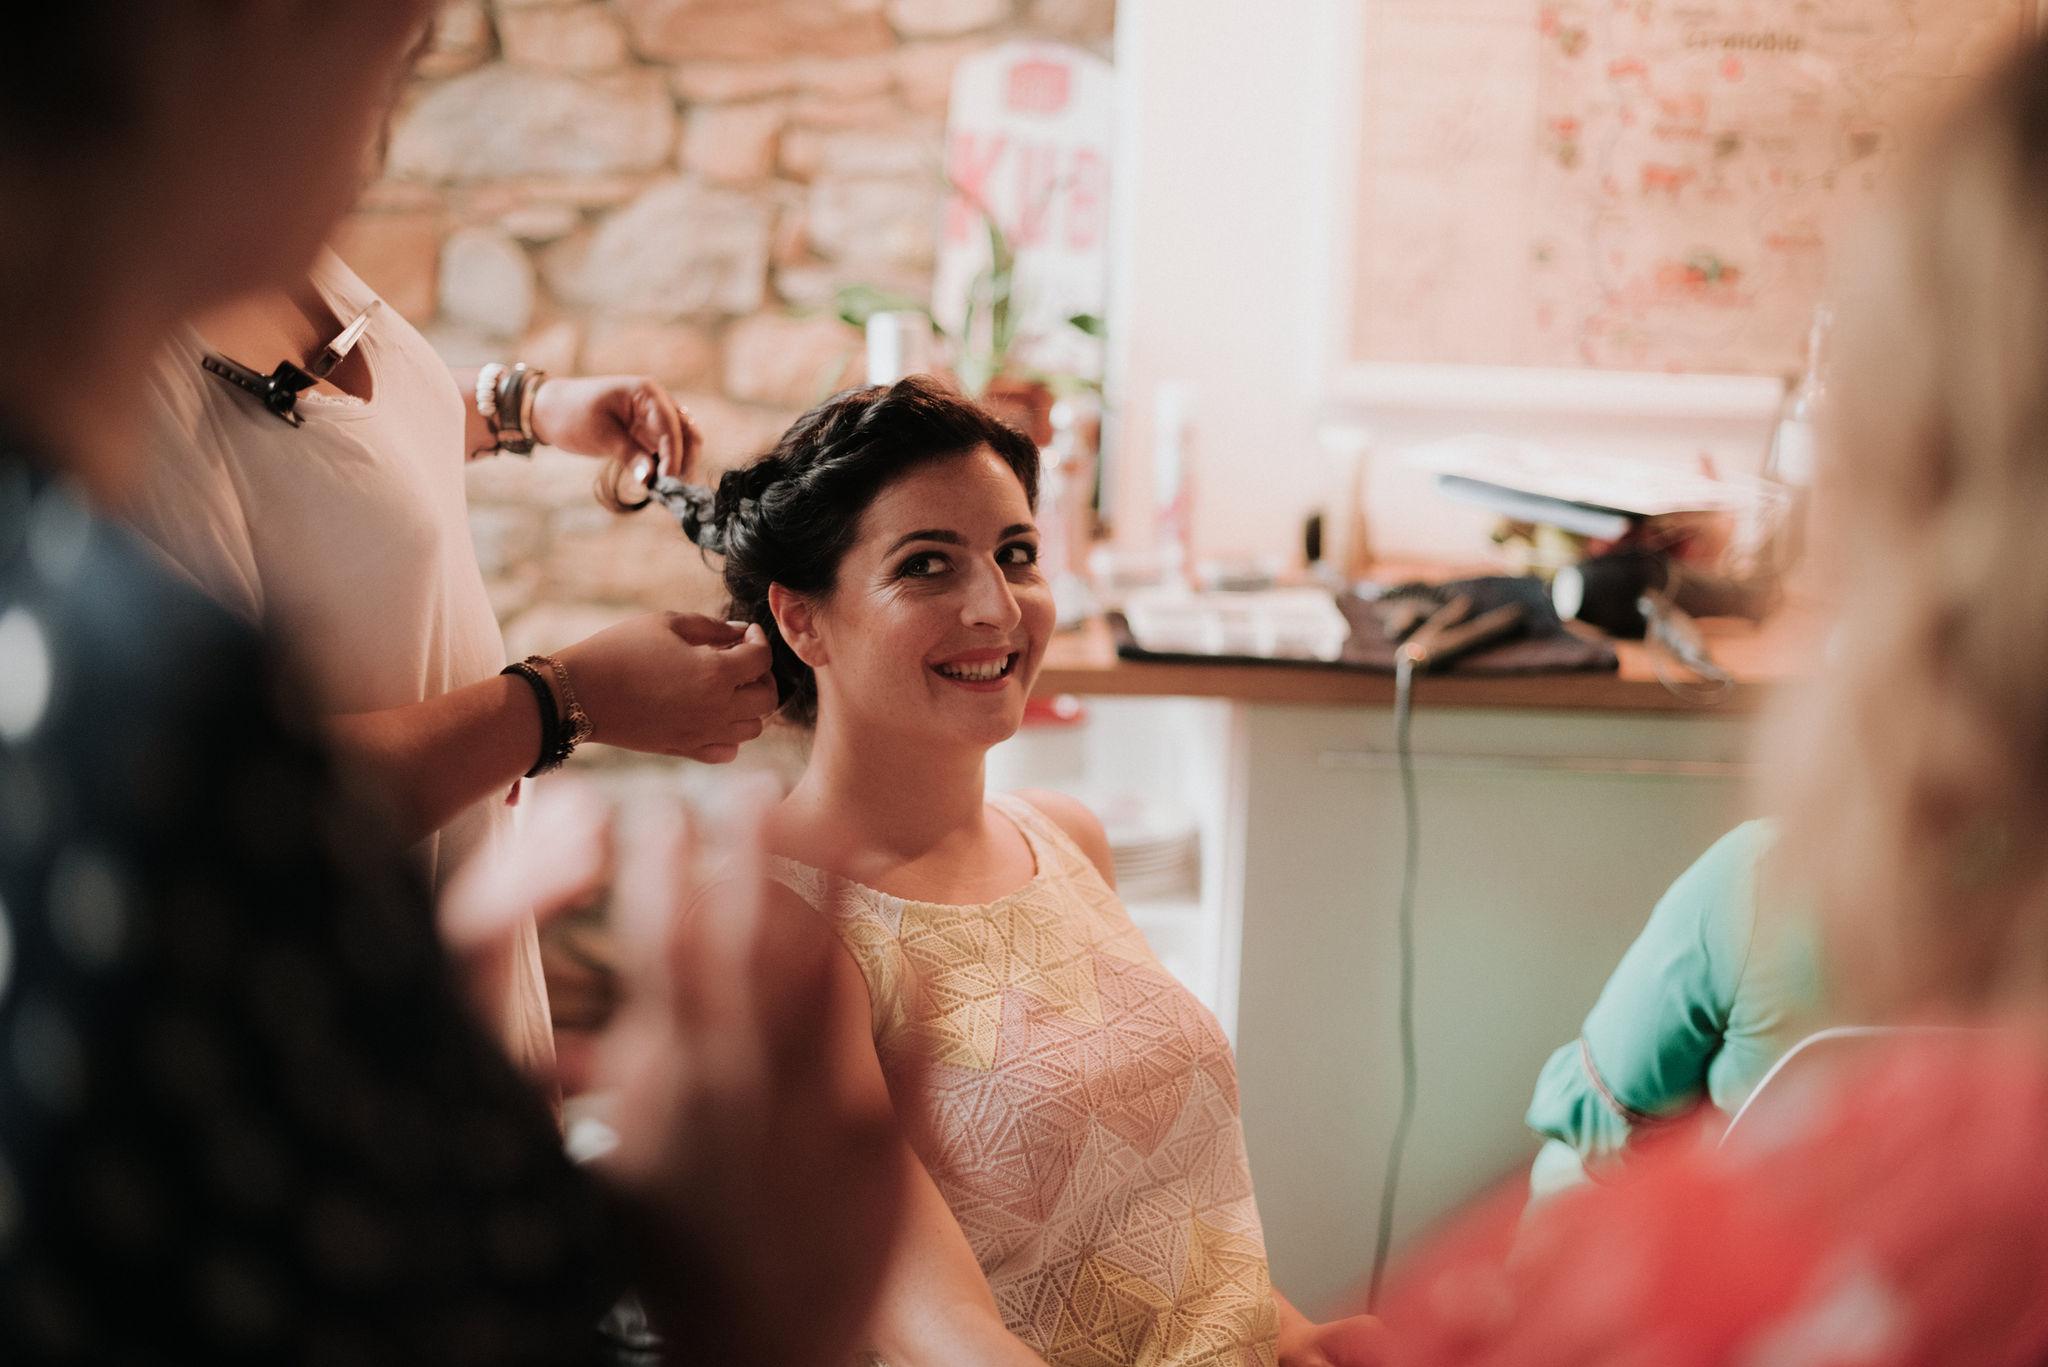 Léa-Fery-photographe-professionnel-lyon-rhone-alpes-portrait-creation-mariage-evenement-evenementiel-famille-5976.jpg